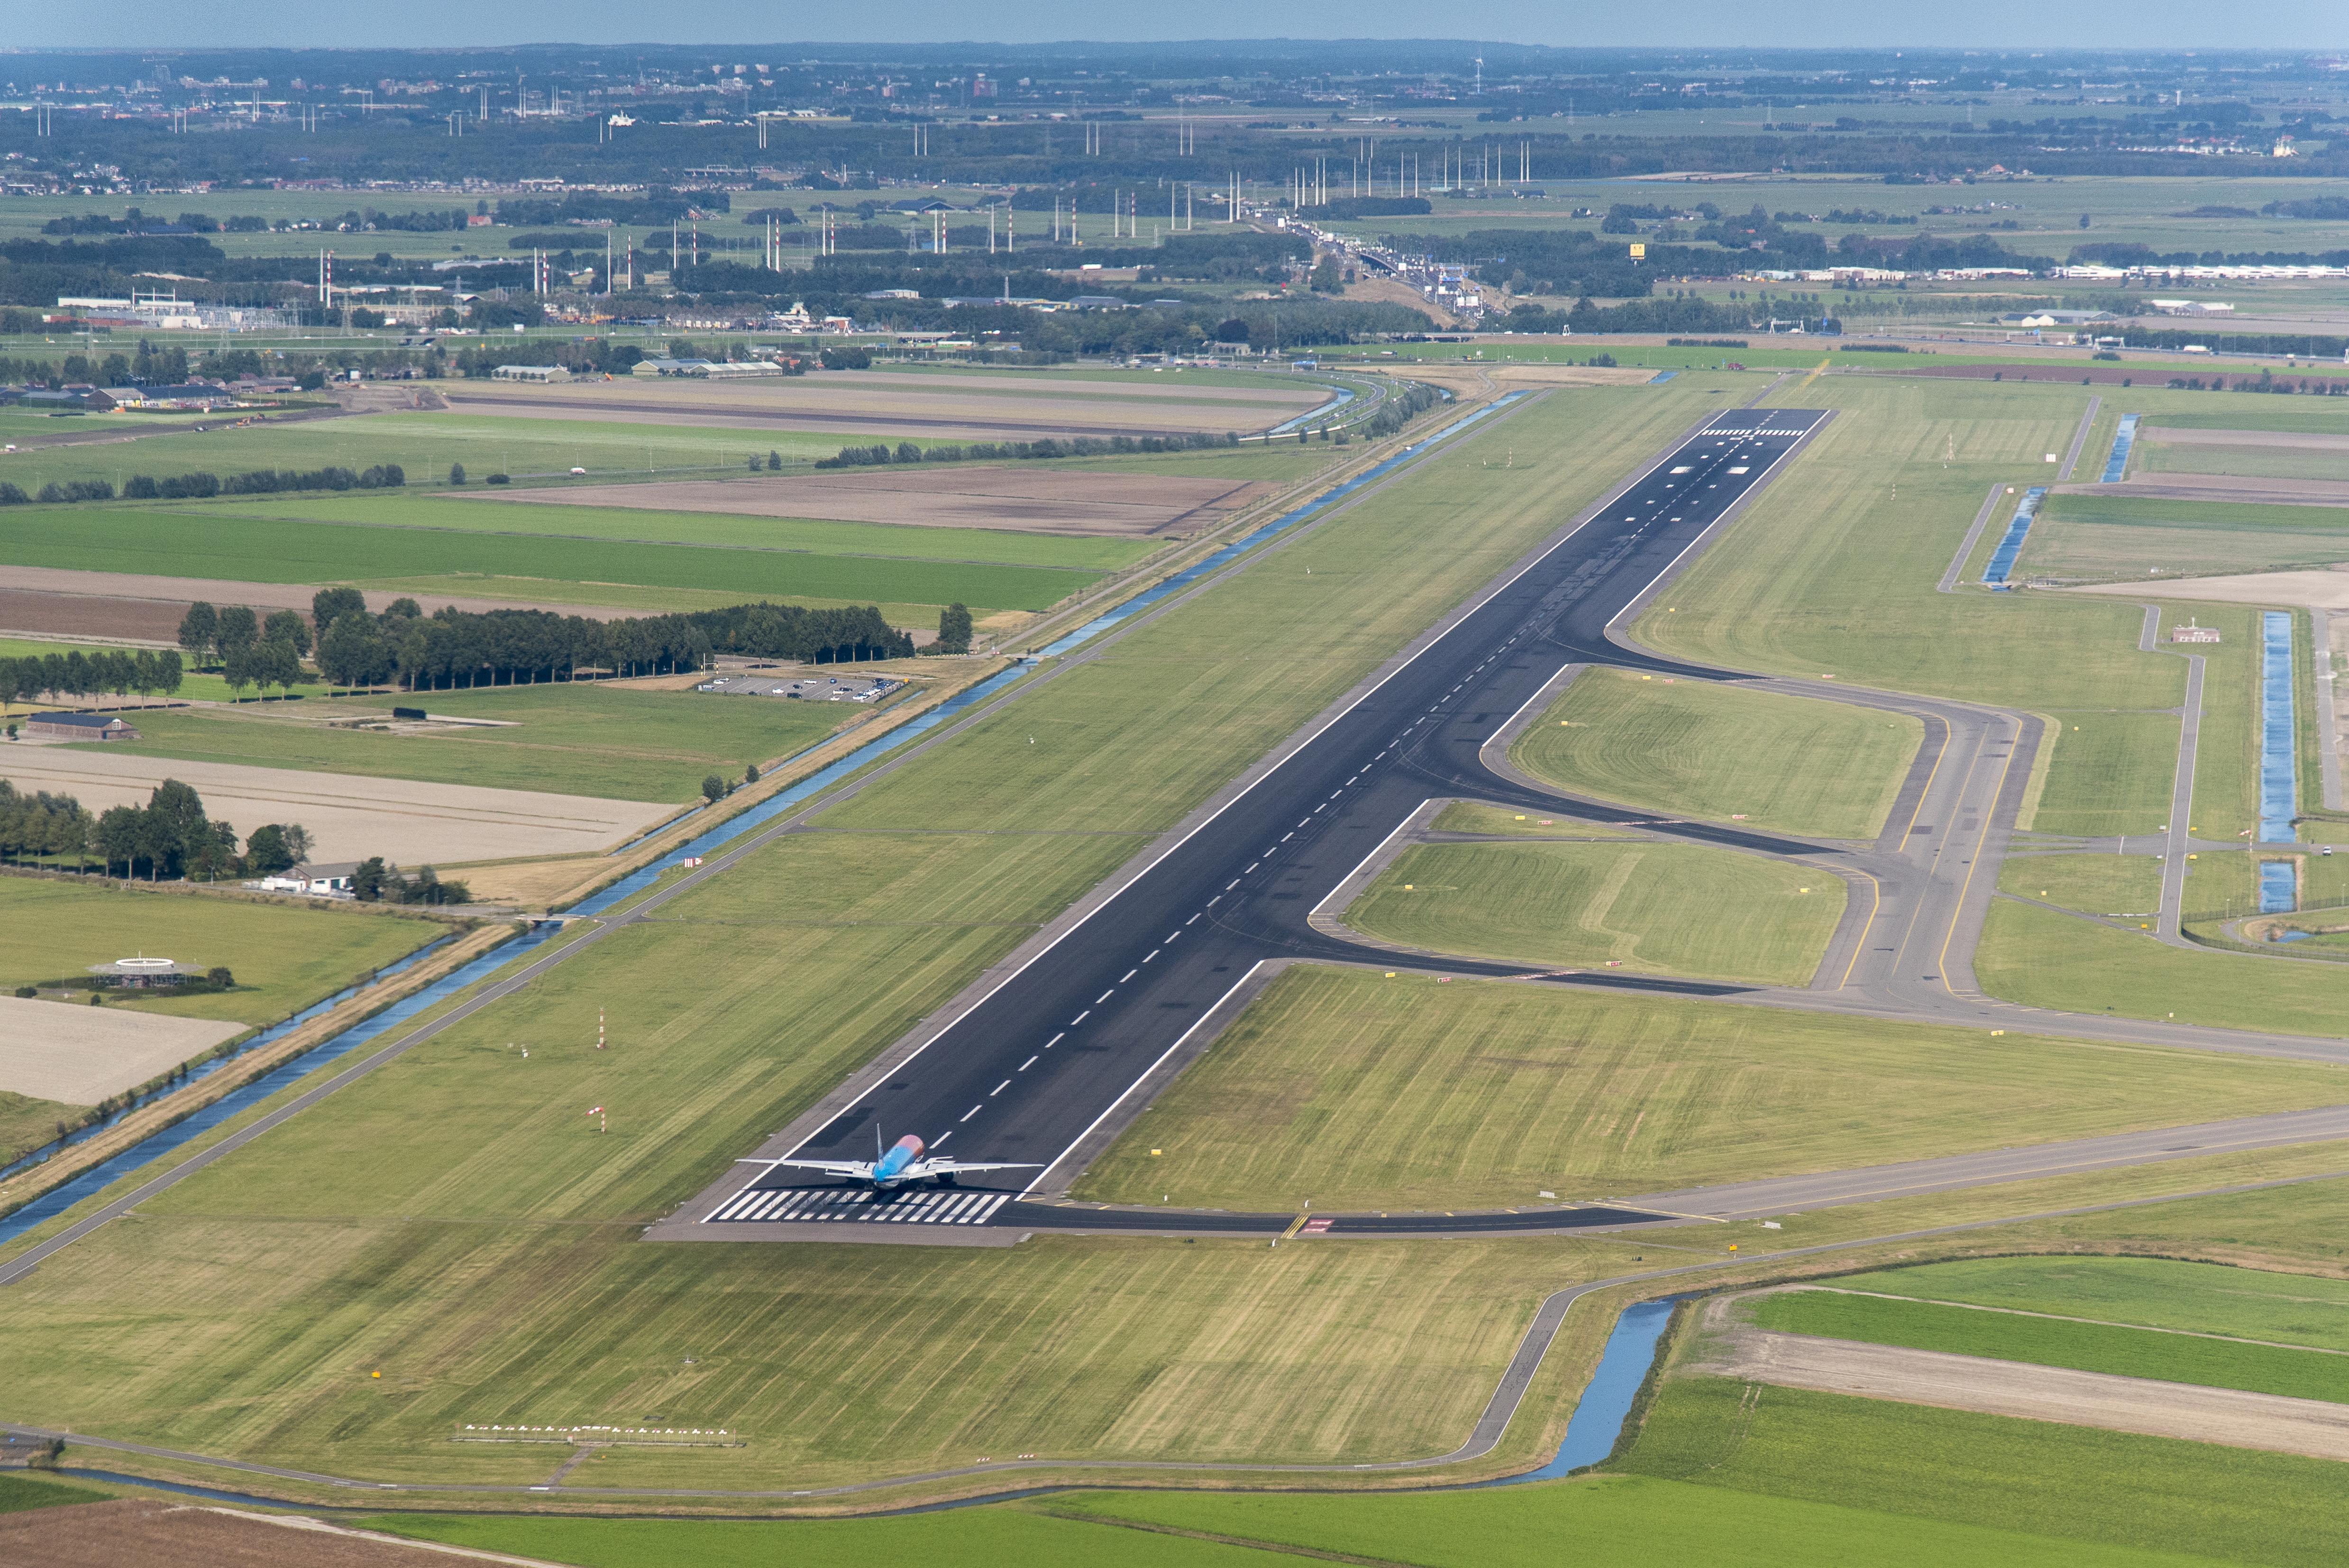 Groot onderhoud: dertien weken lang geen vluchten via Polderbaan